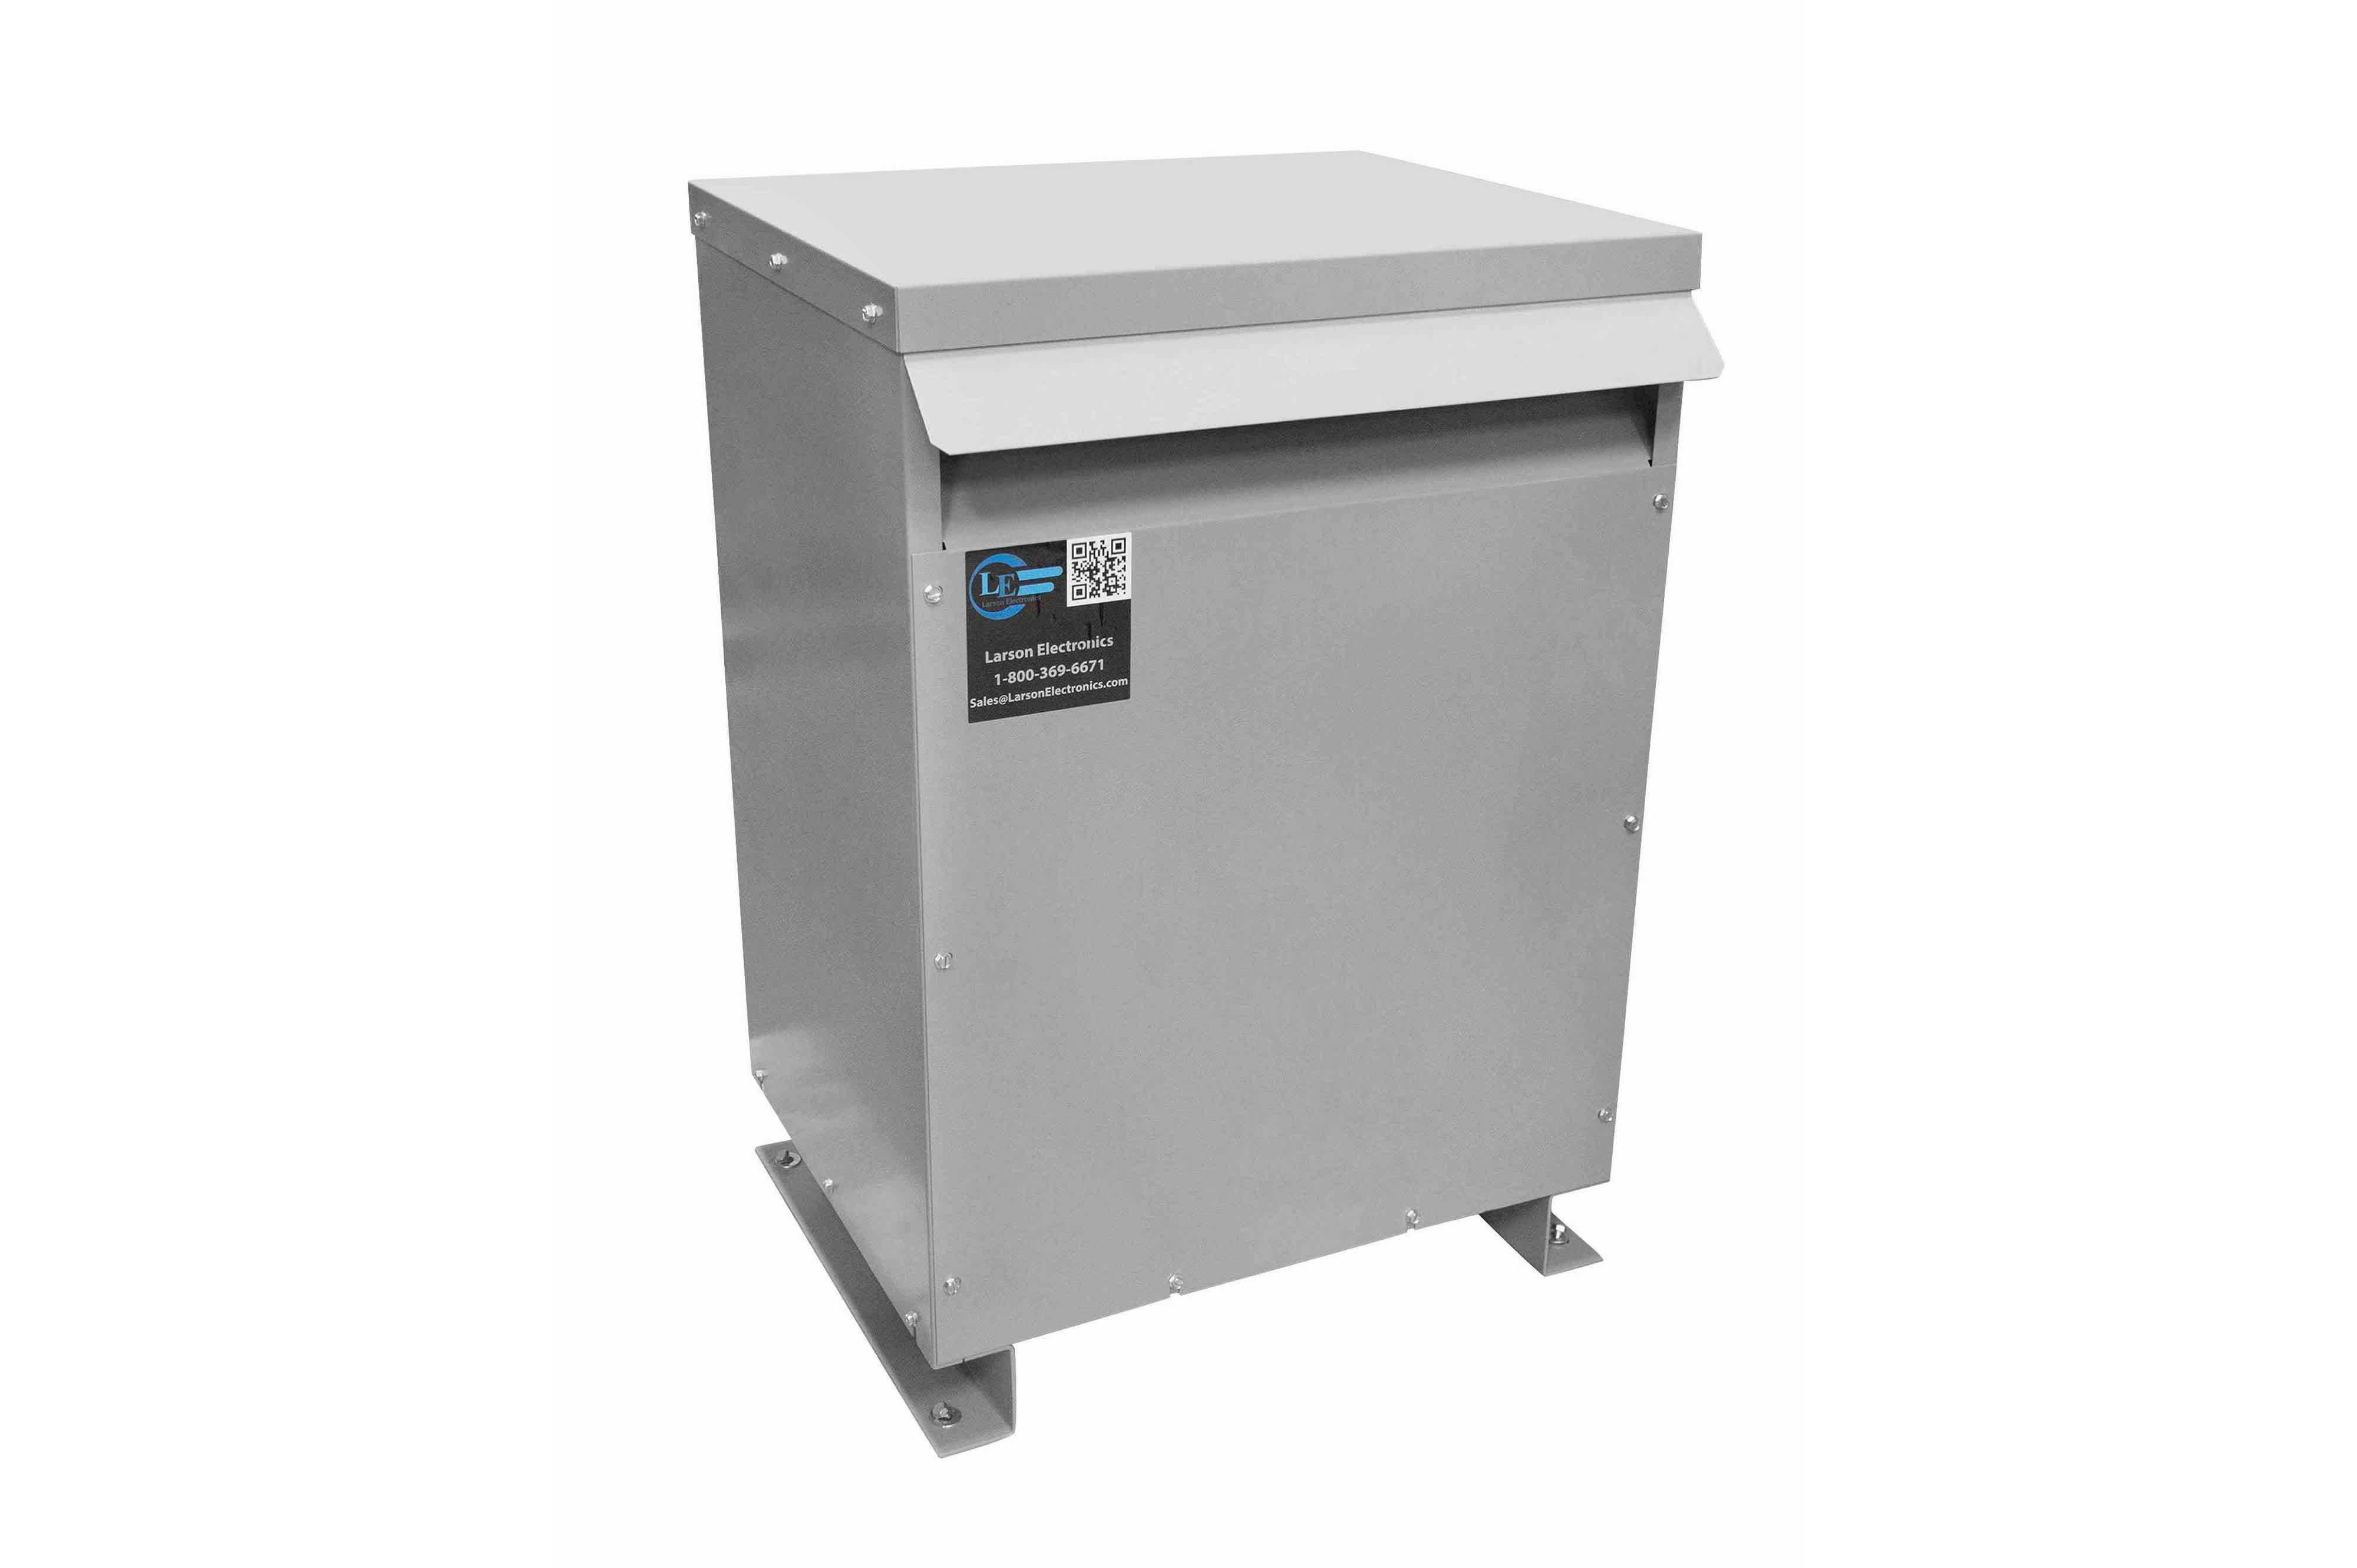 28 kVA 3PH DOE Transformer, 600V Delta Primary, 240V/120 Delta Secondary, N3R, Ventilated, 60 Hz